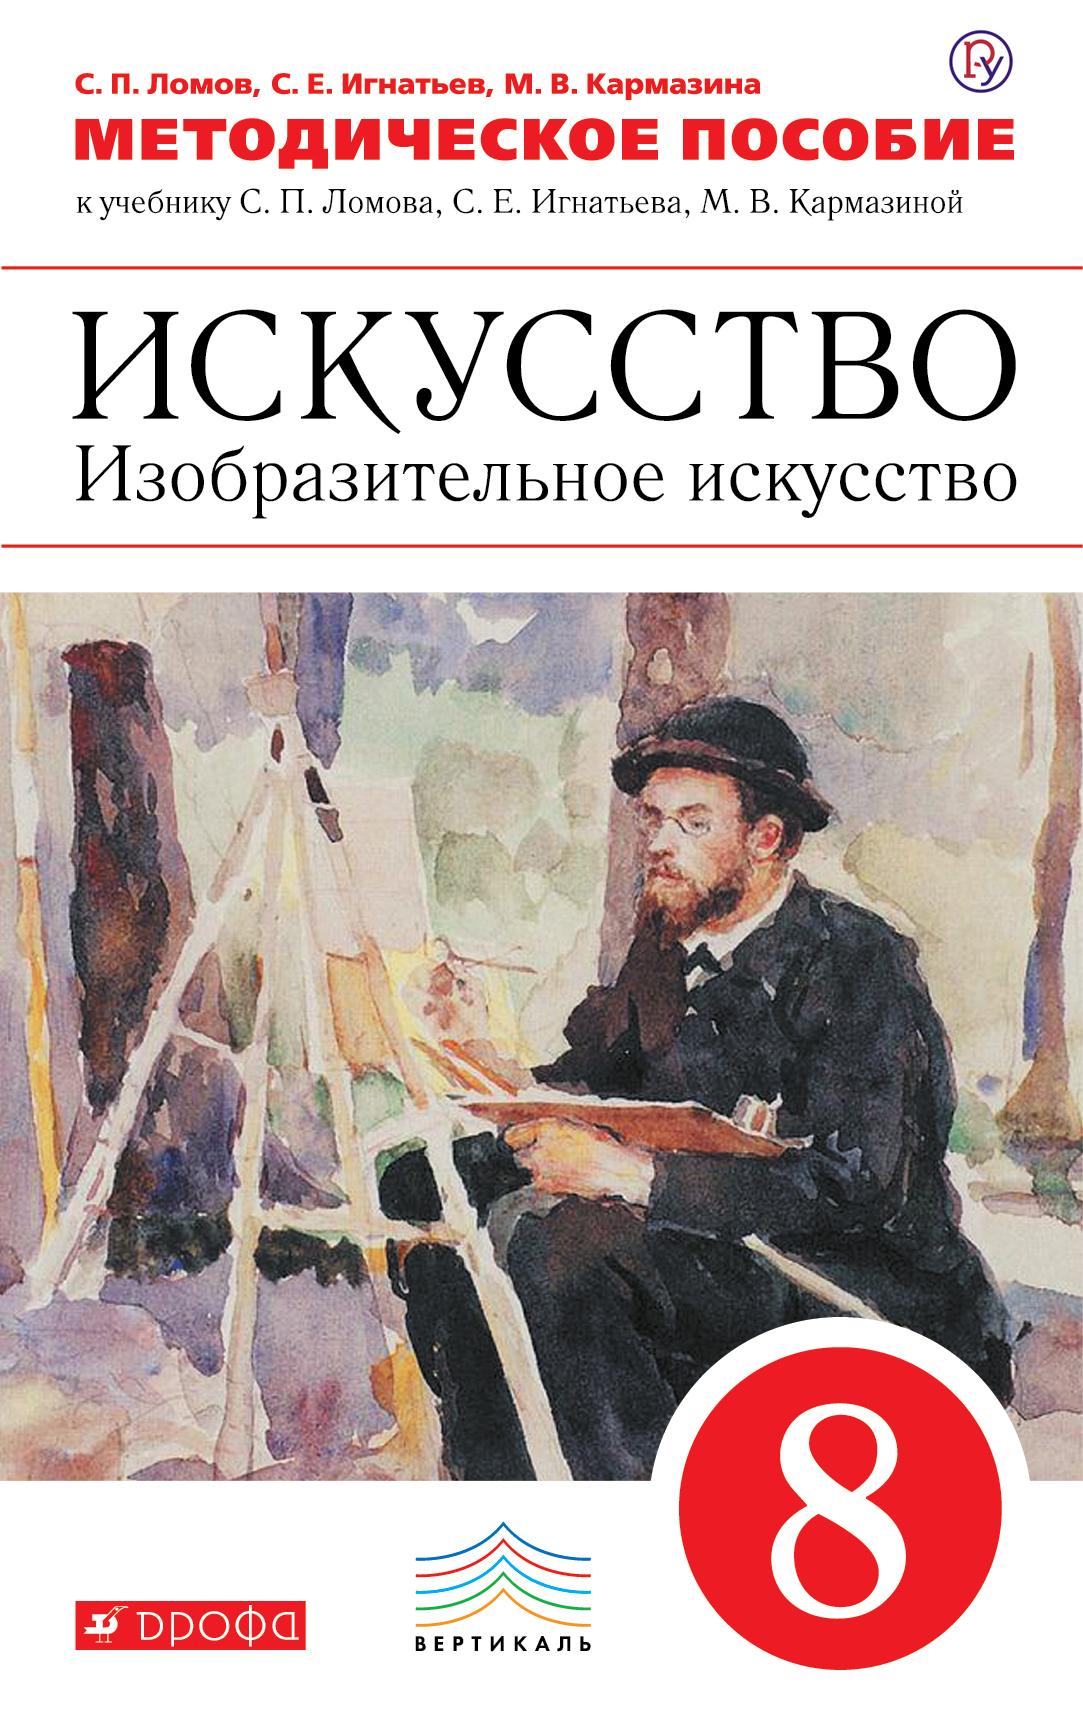 Искусство. Изобразительное искусство. 8 класс. Методическое пособие